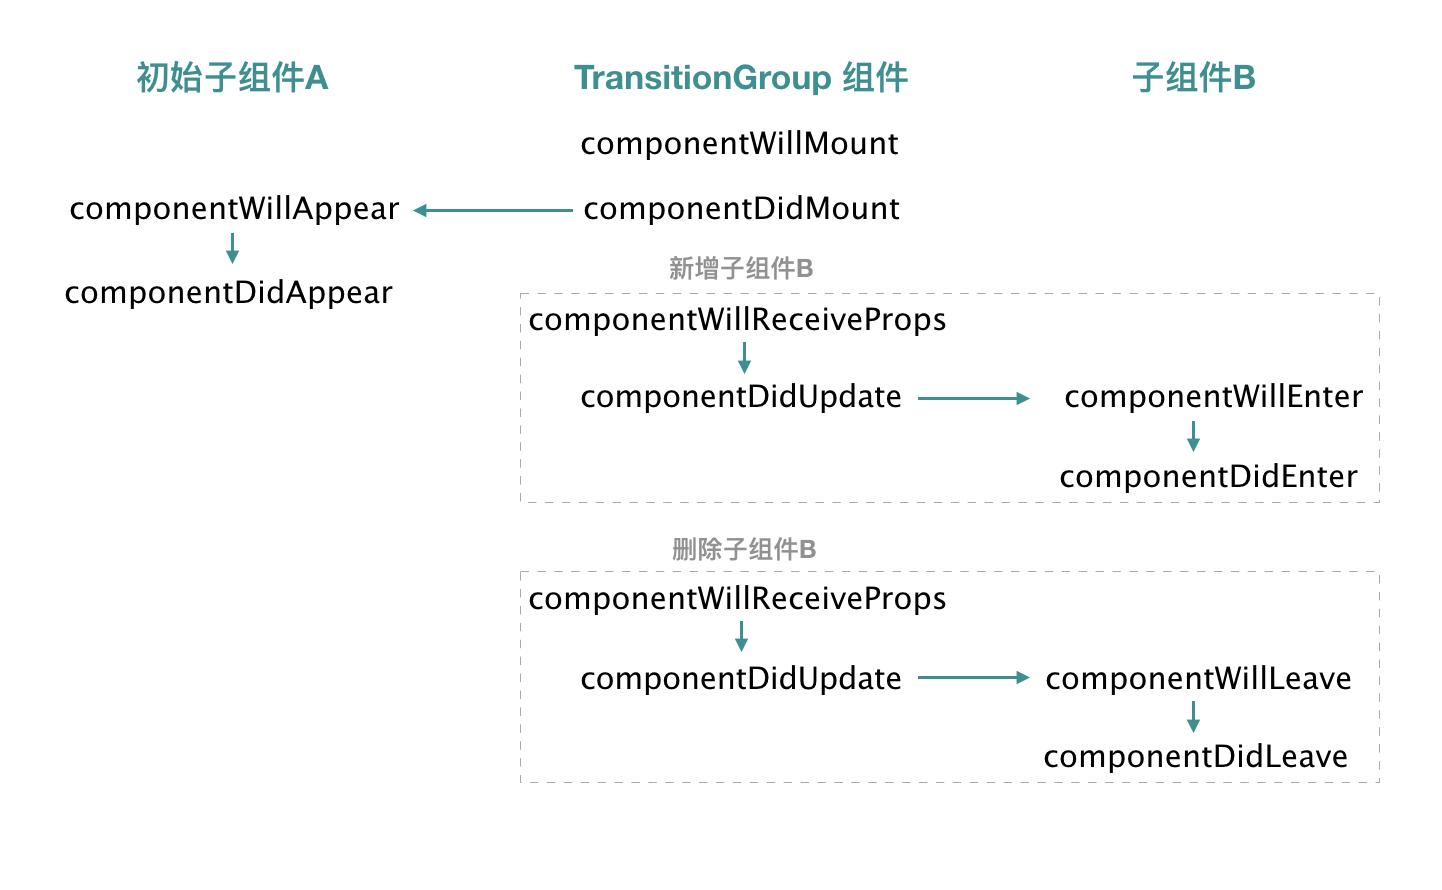 TransitionGroup组件生命周期与自组件生命周期的关系